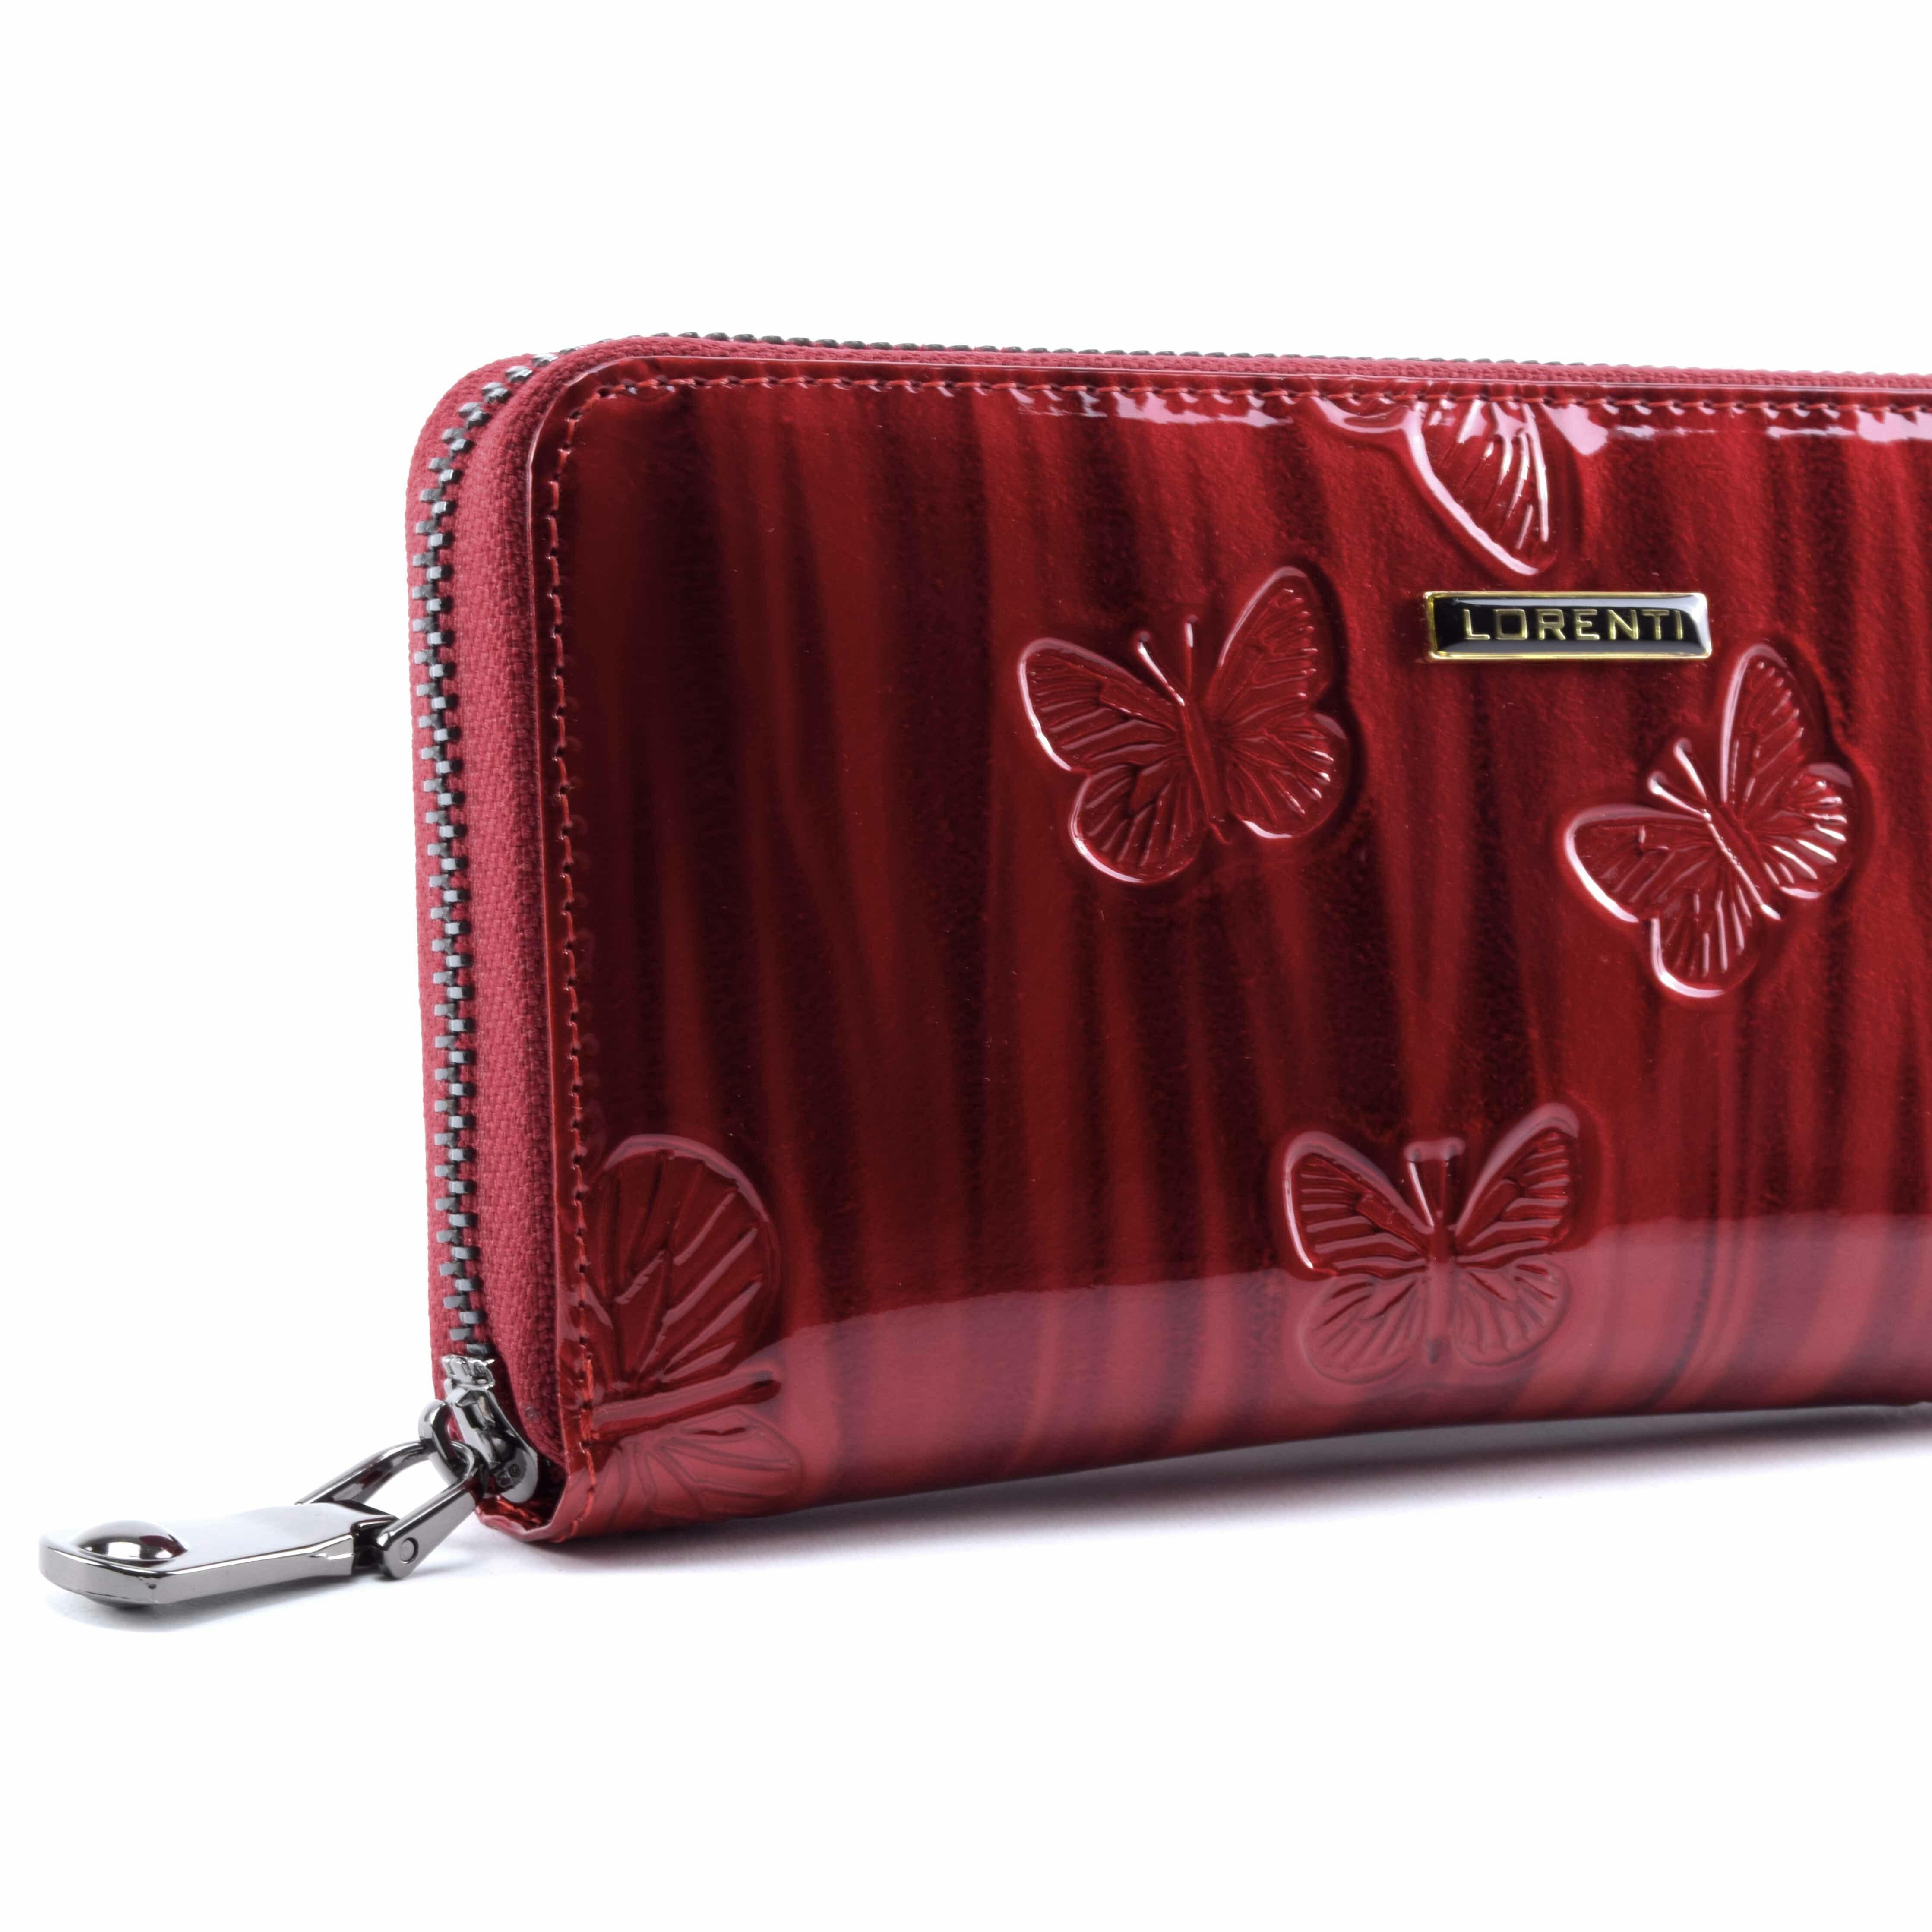 fc7b6d1aee Elegáns, pillangó mintás pénztárca. Belseje három részből áll, sok  kártyatartó és egy cipzáras zseb található benne.